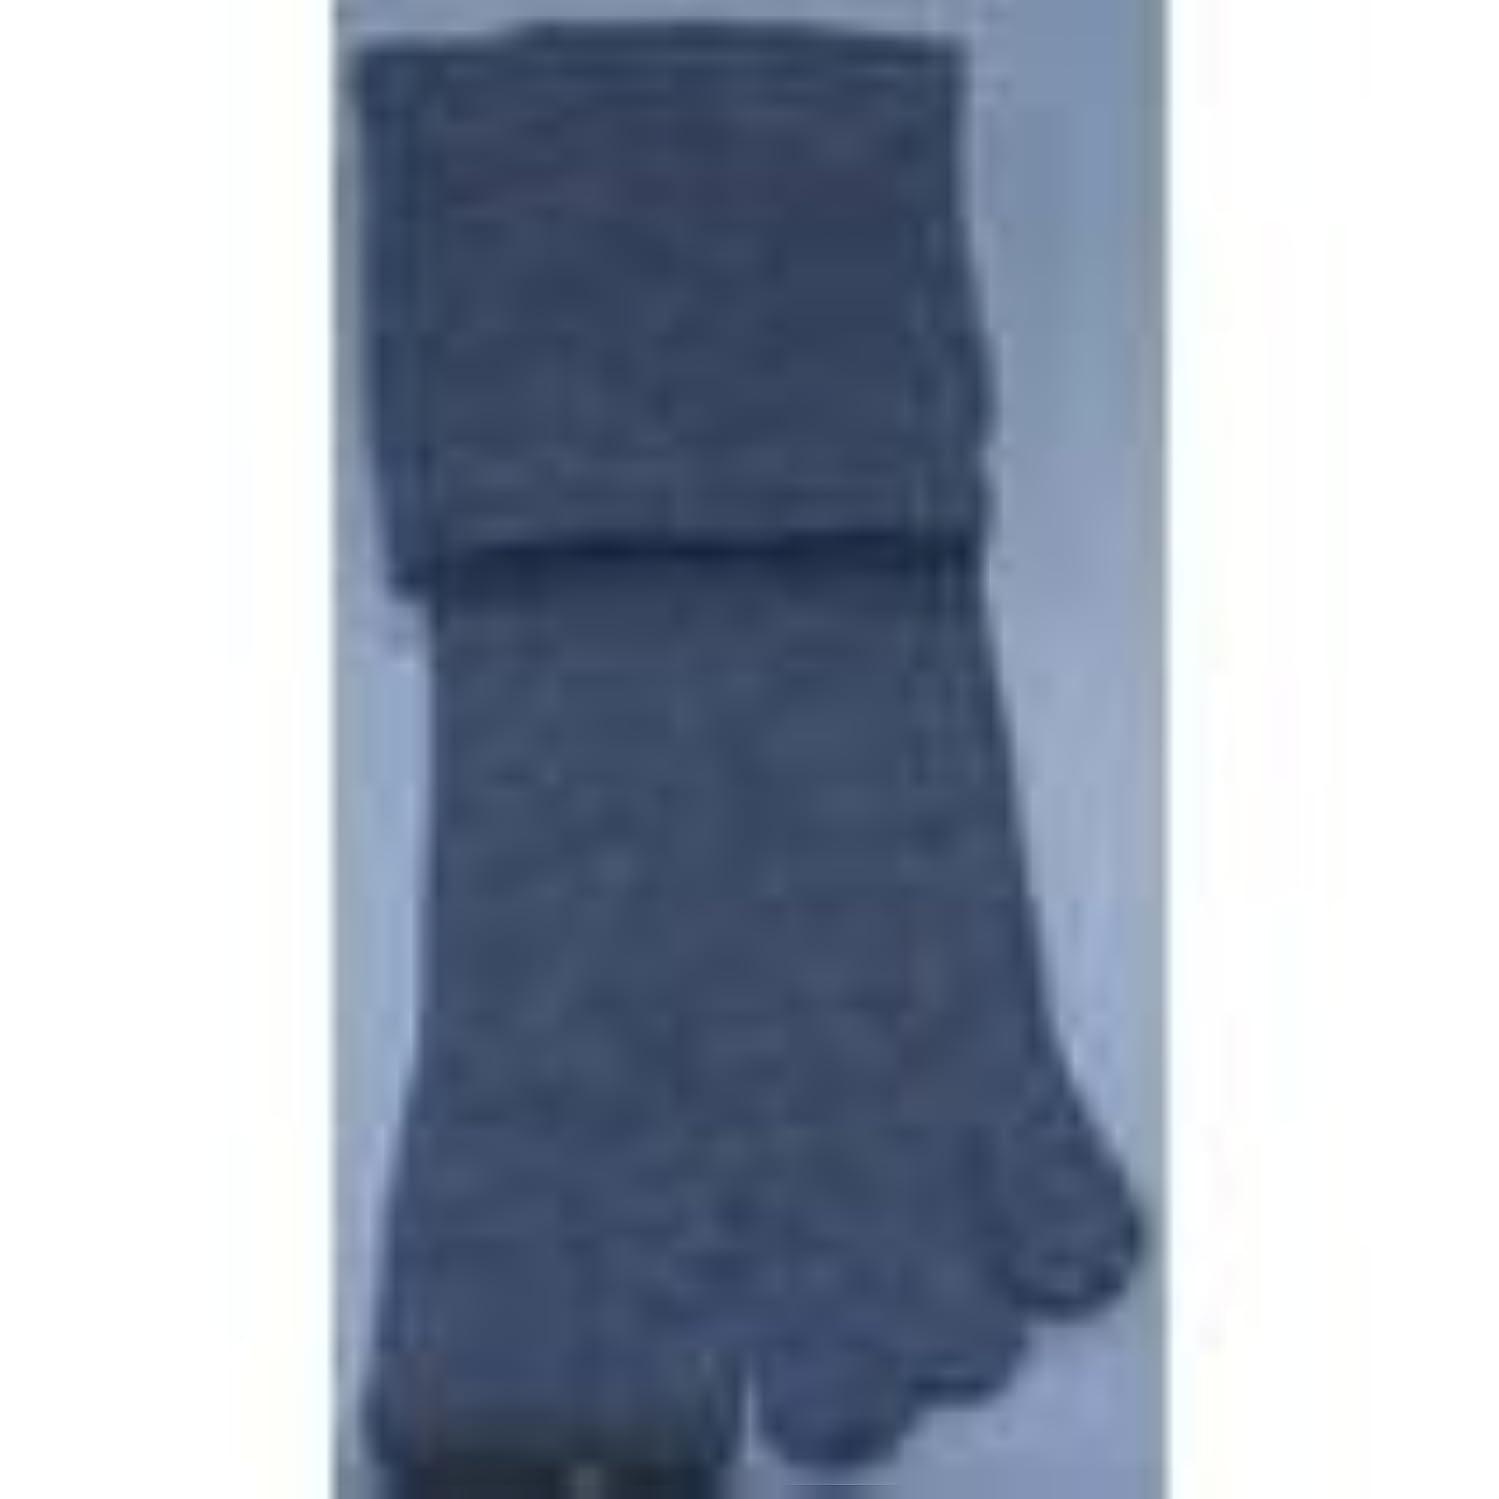 ブラケットリビングルームあざ足裏安定5本指靴下(L(26-28cm), グレー)